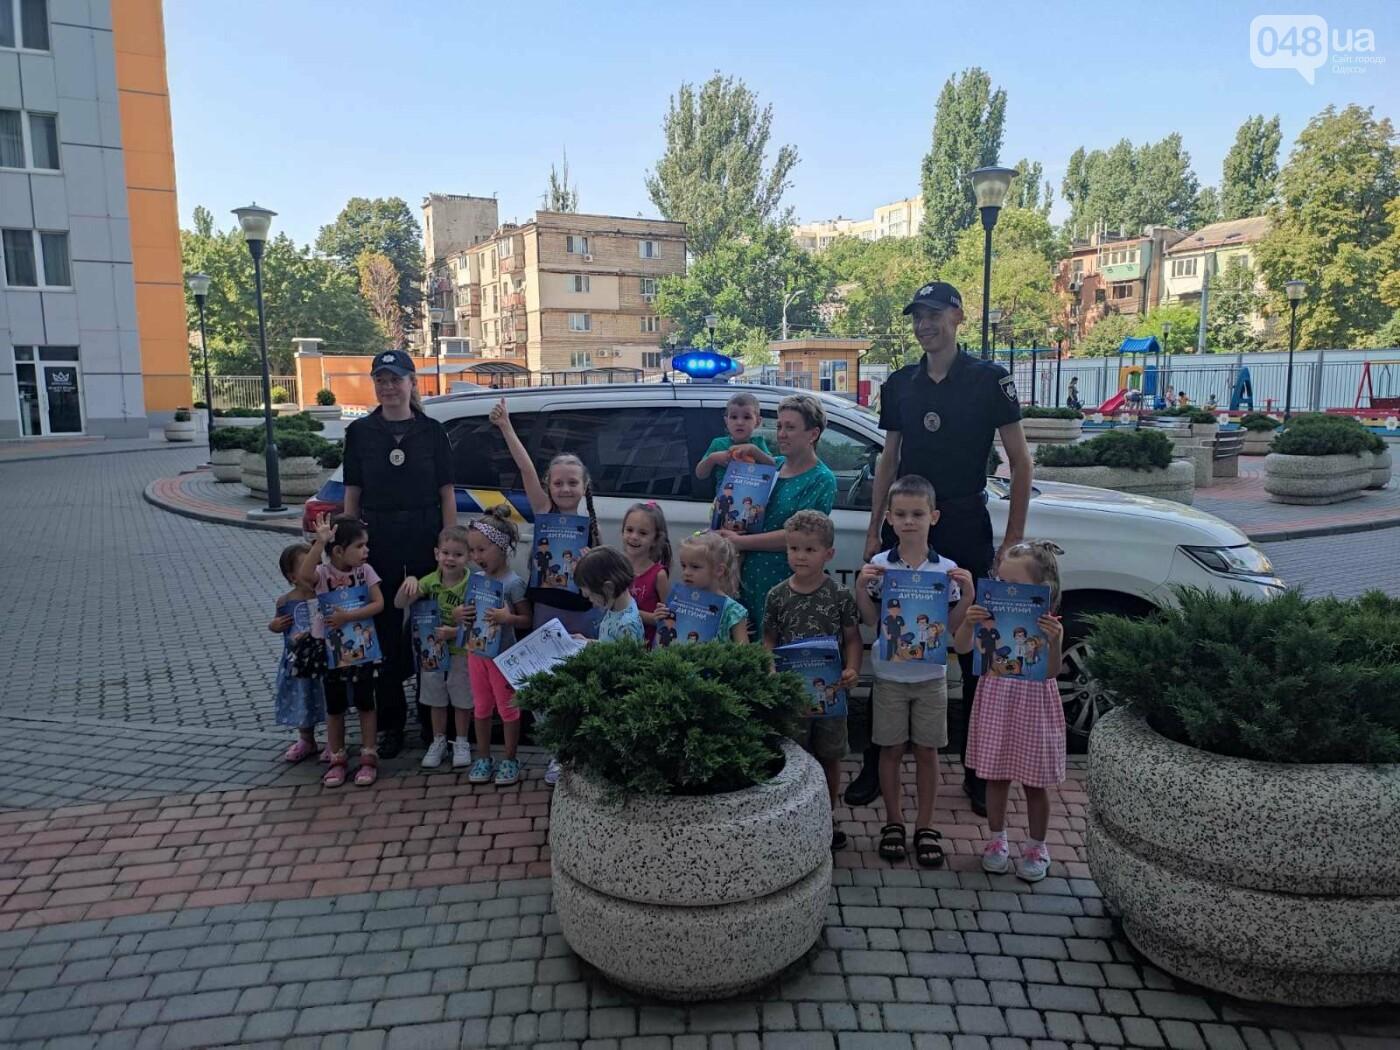 Детские сады и школы в Одессе, где учить ребенка?, фото-1